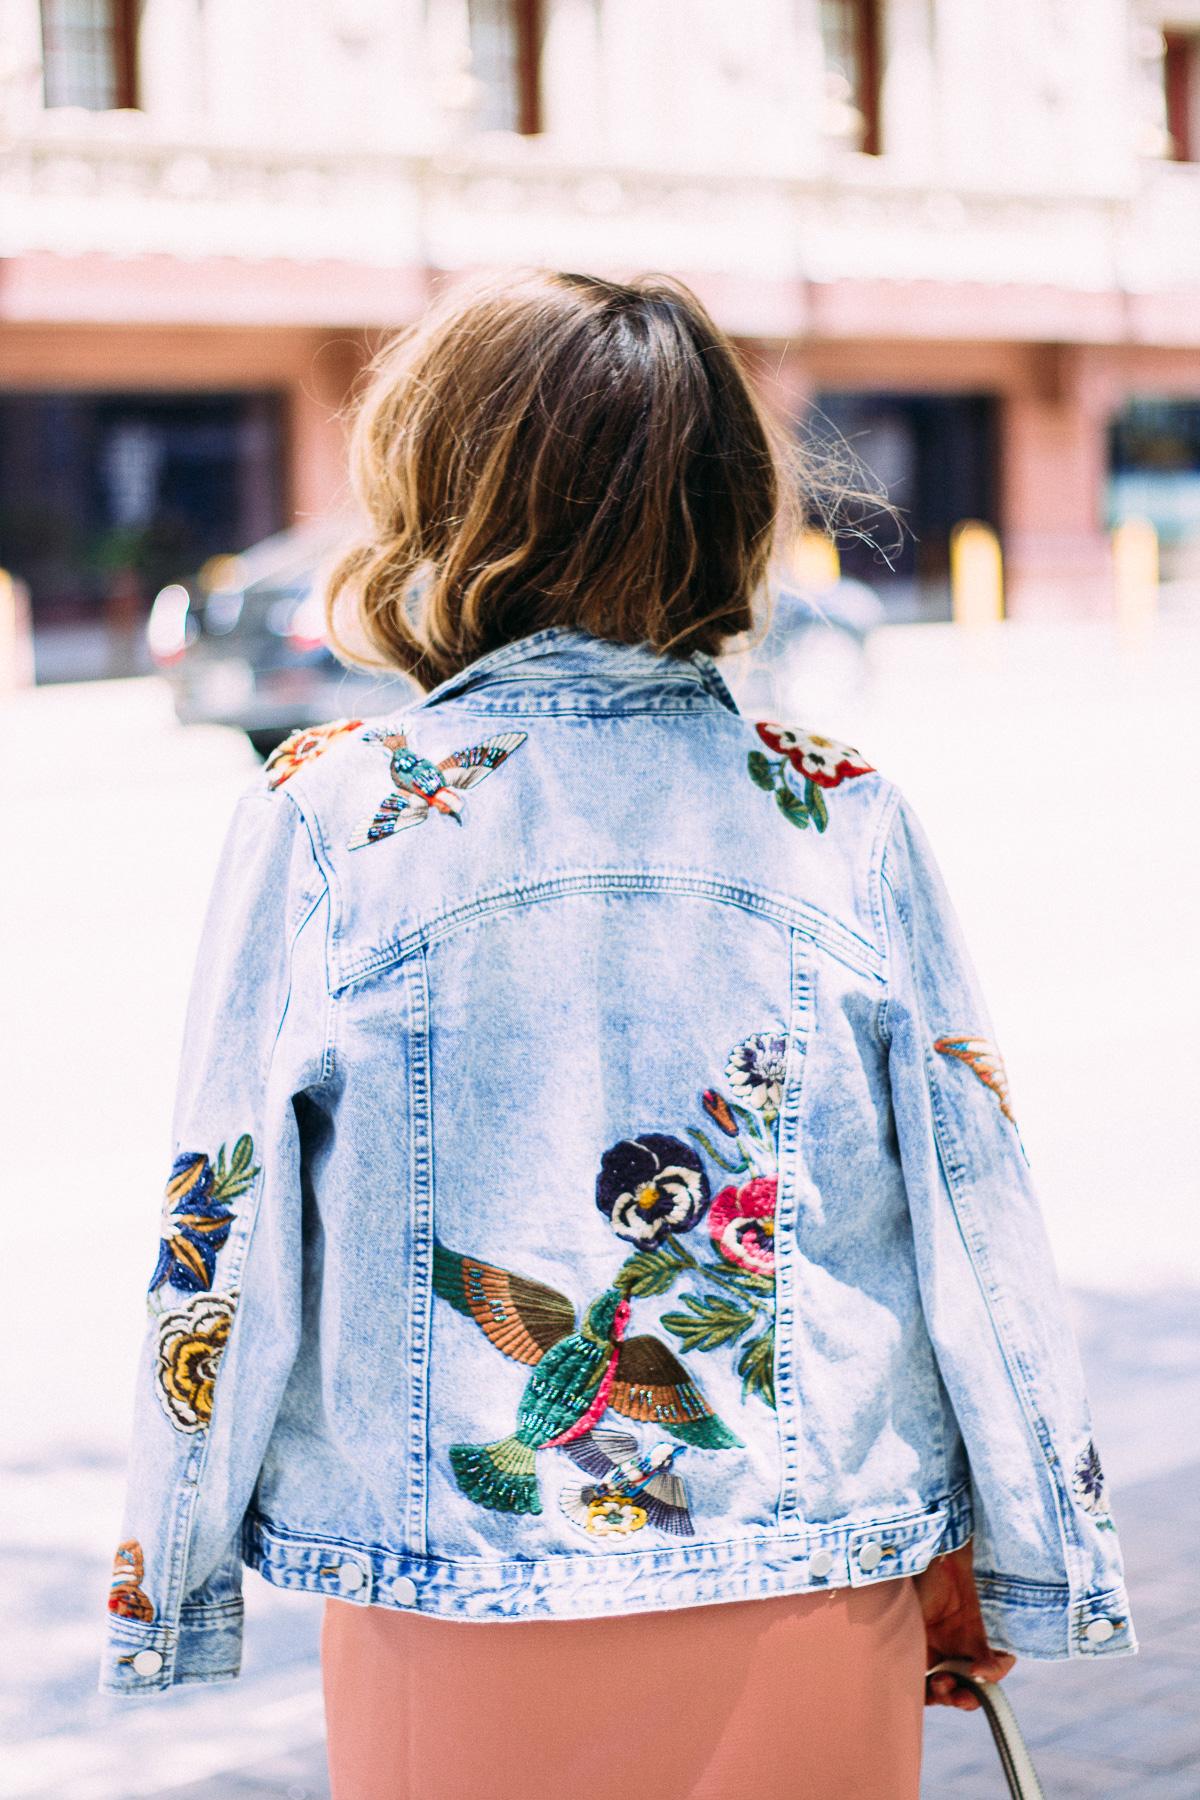 embroidered denim jacket over pink slip dress